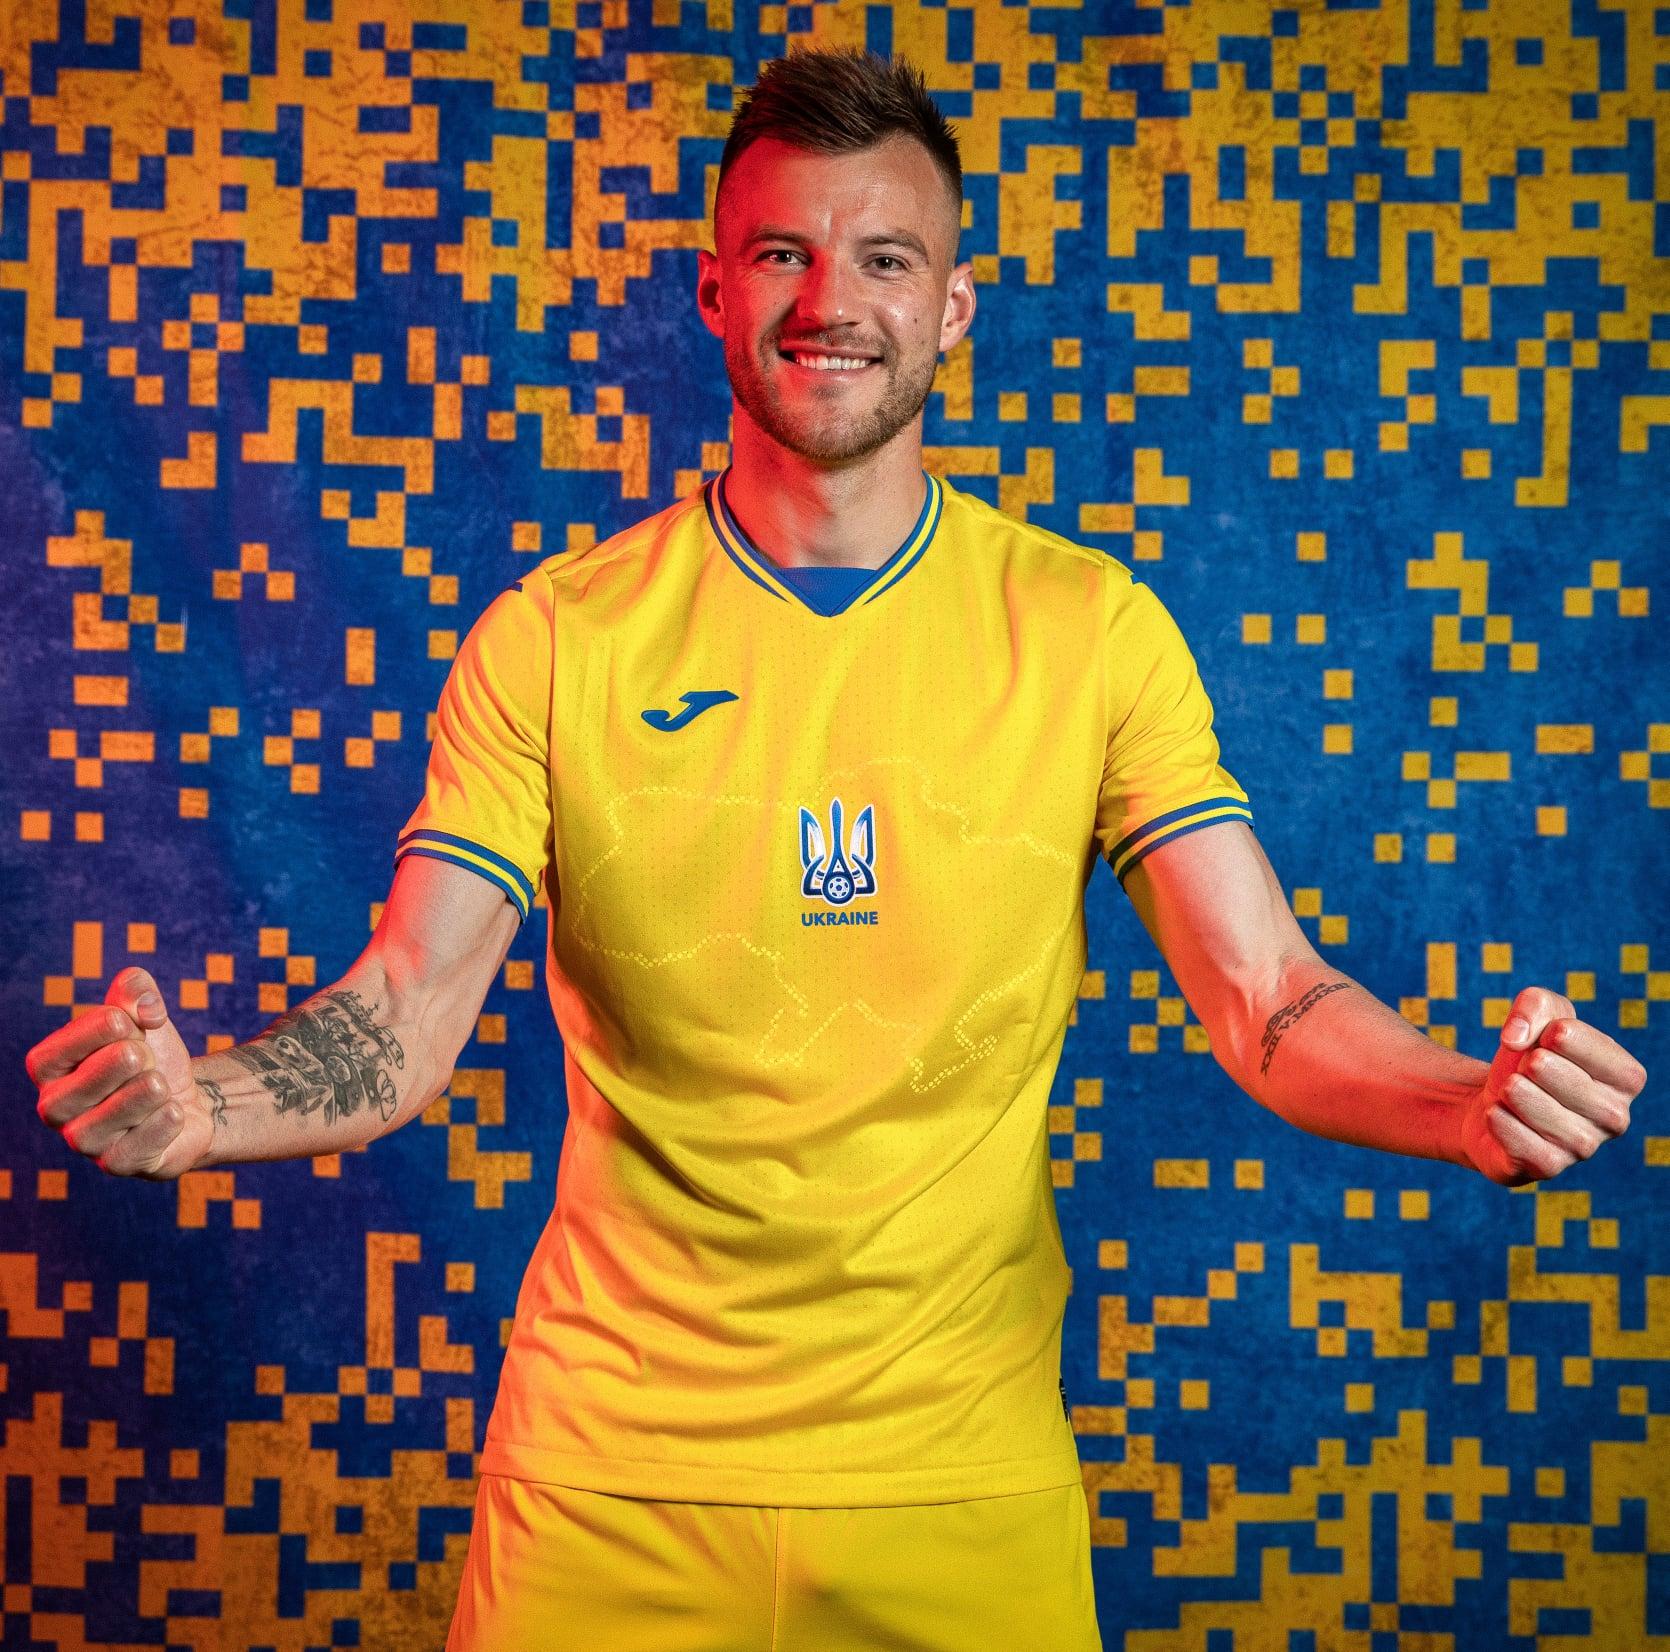 На новой форме сборной Украины по футболу нанесен силуэт страны с Крымом